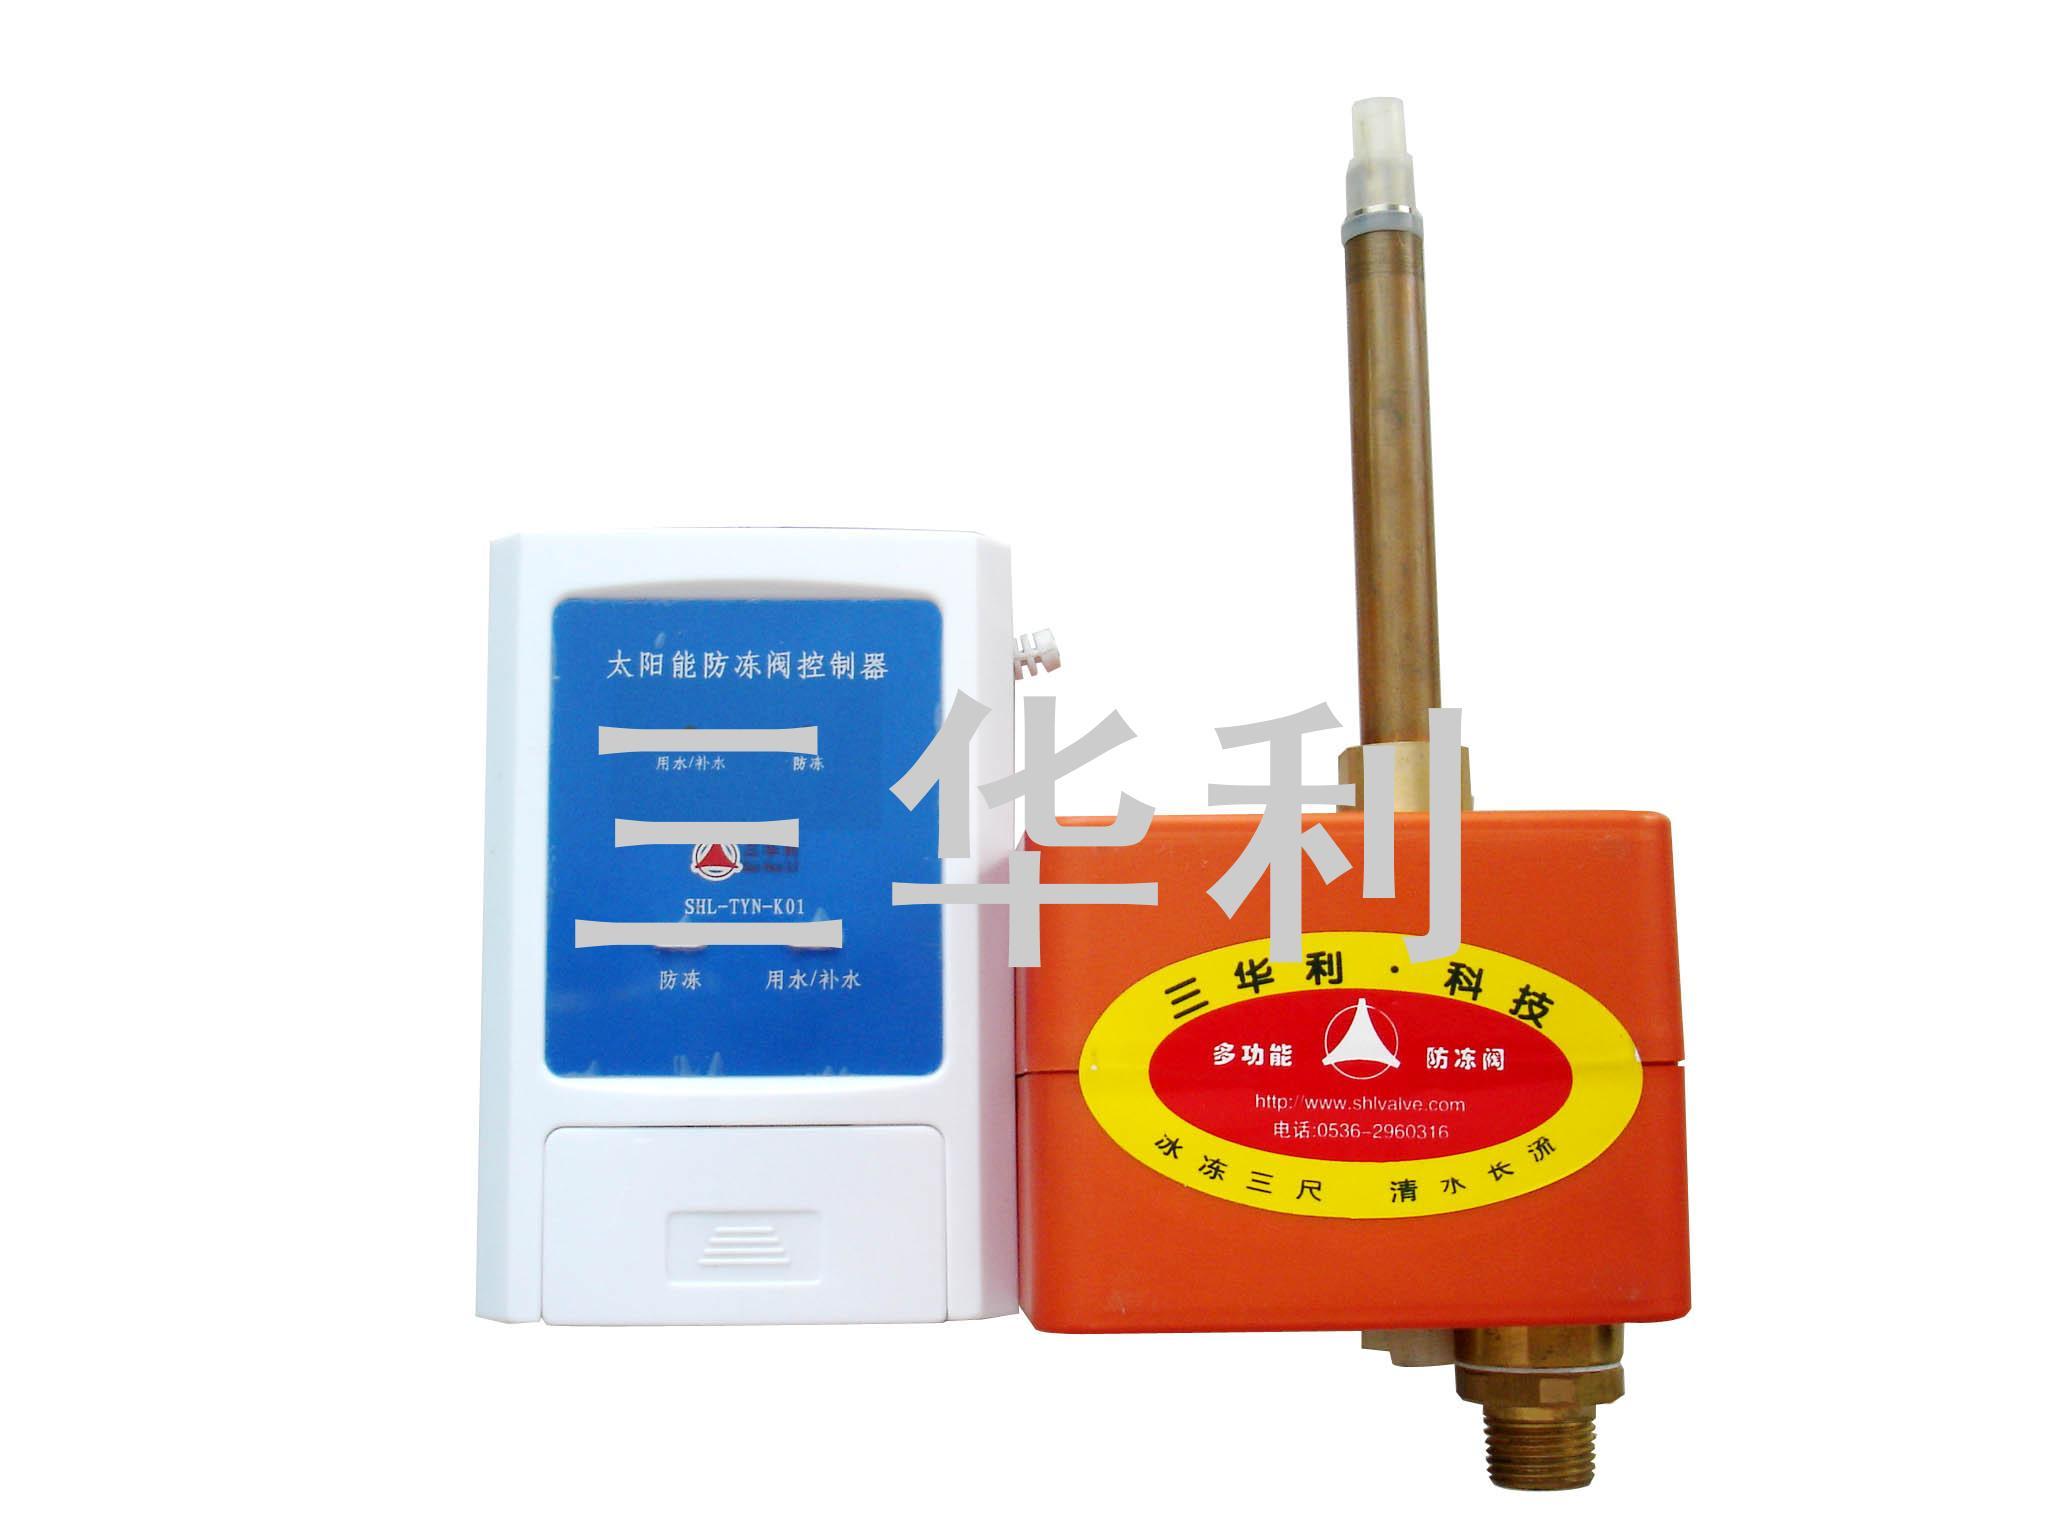 太陽能防凍閥K01控制系統